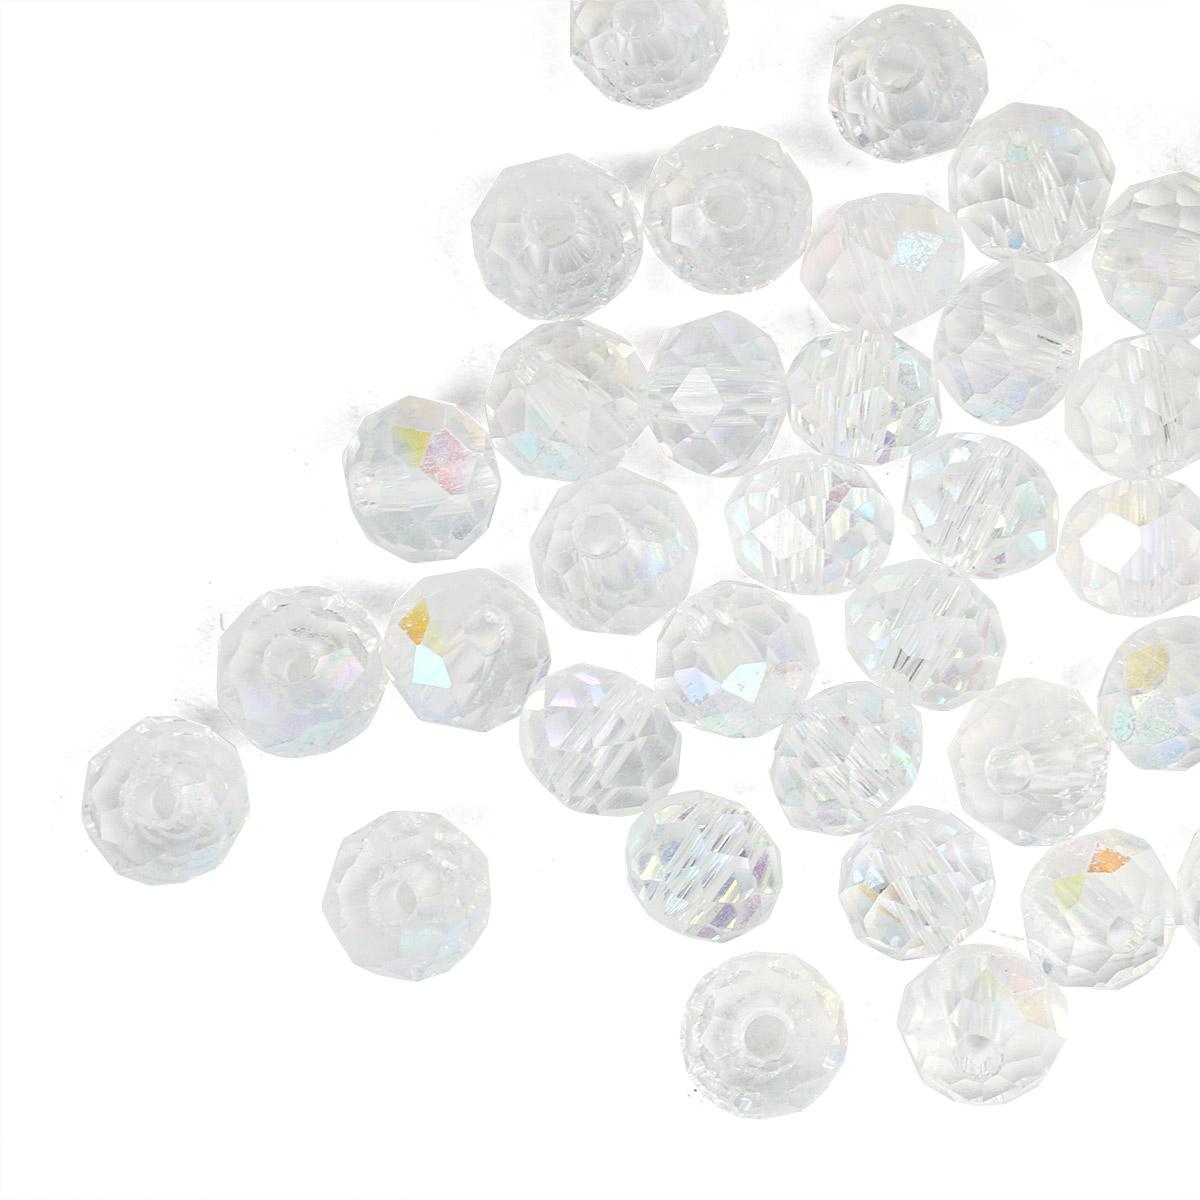 БП001ДН46 Хрустальные бусины прозрач.белые (с цв.покрытием) 4*6мм, 45-50 шт/упак